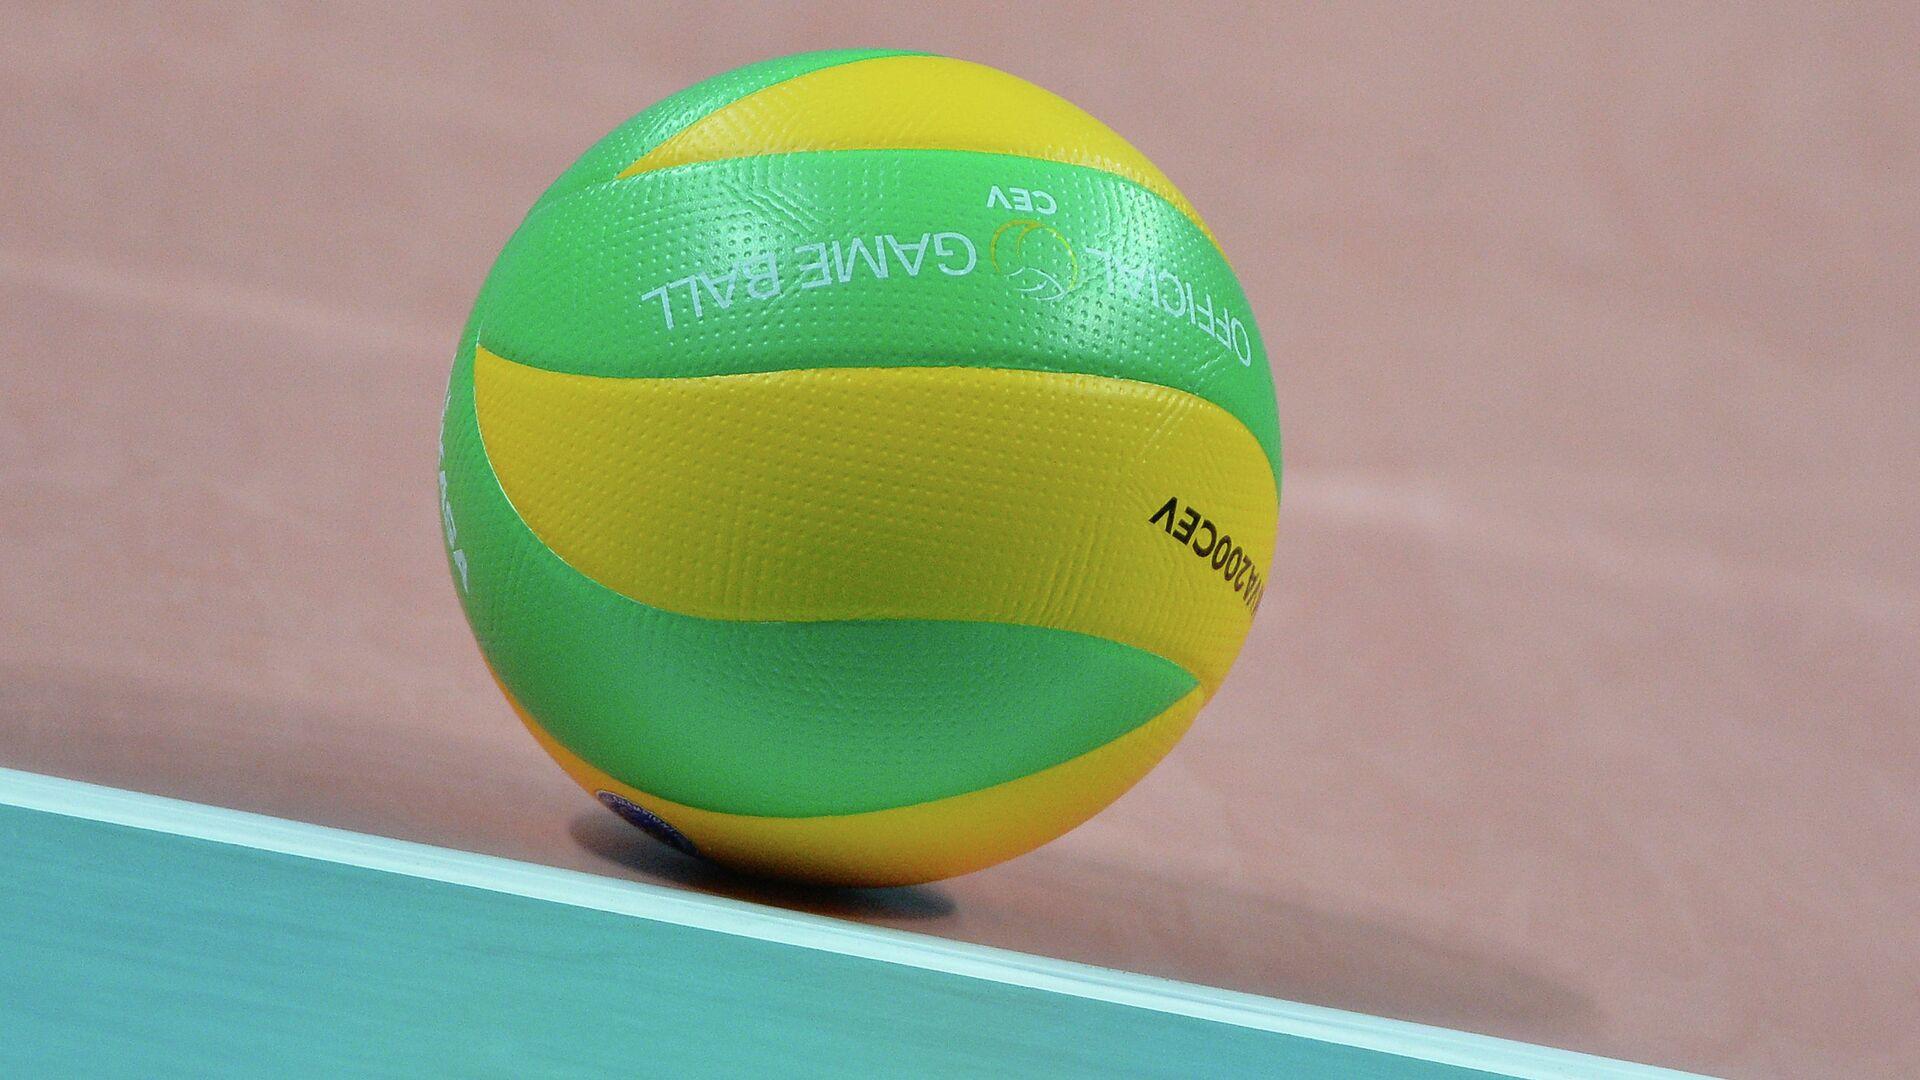 Волейбольный мяч - РИА Новости, 1920, 04.03.2021